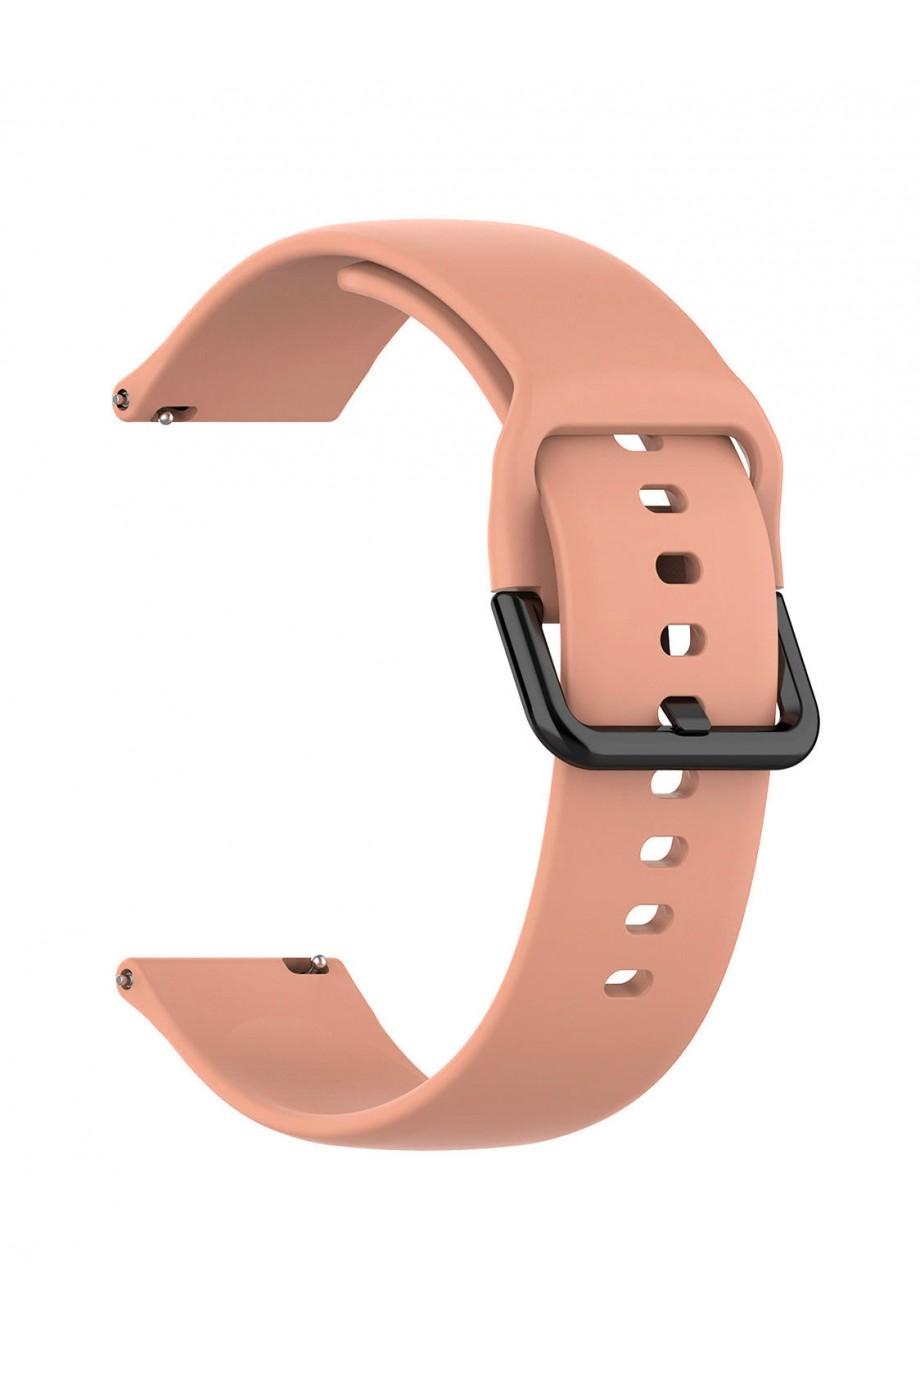 Силиконовый ремешок для Amazfit Bip, 20 мм, застежка пряжка, S90-010